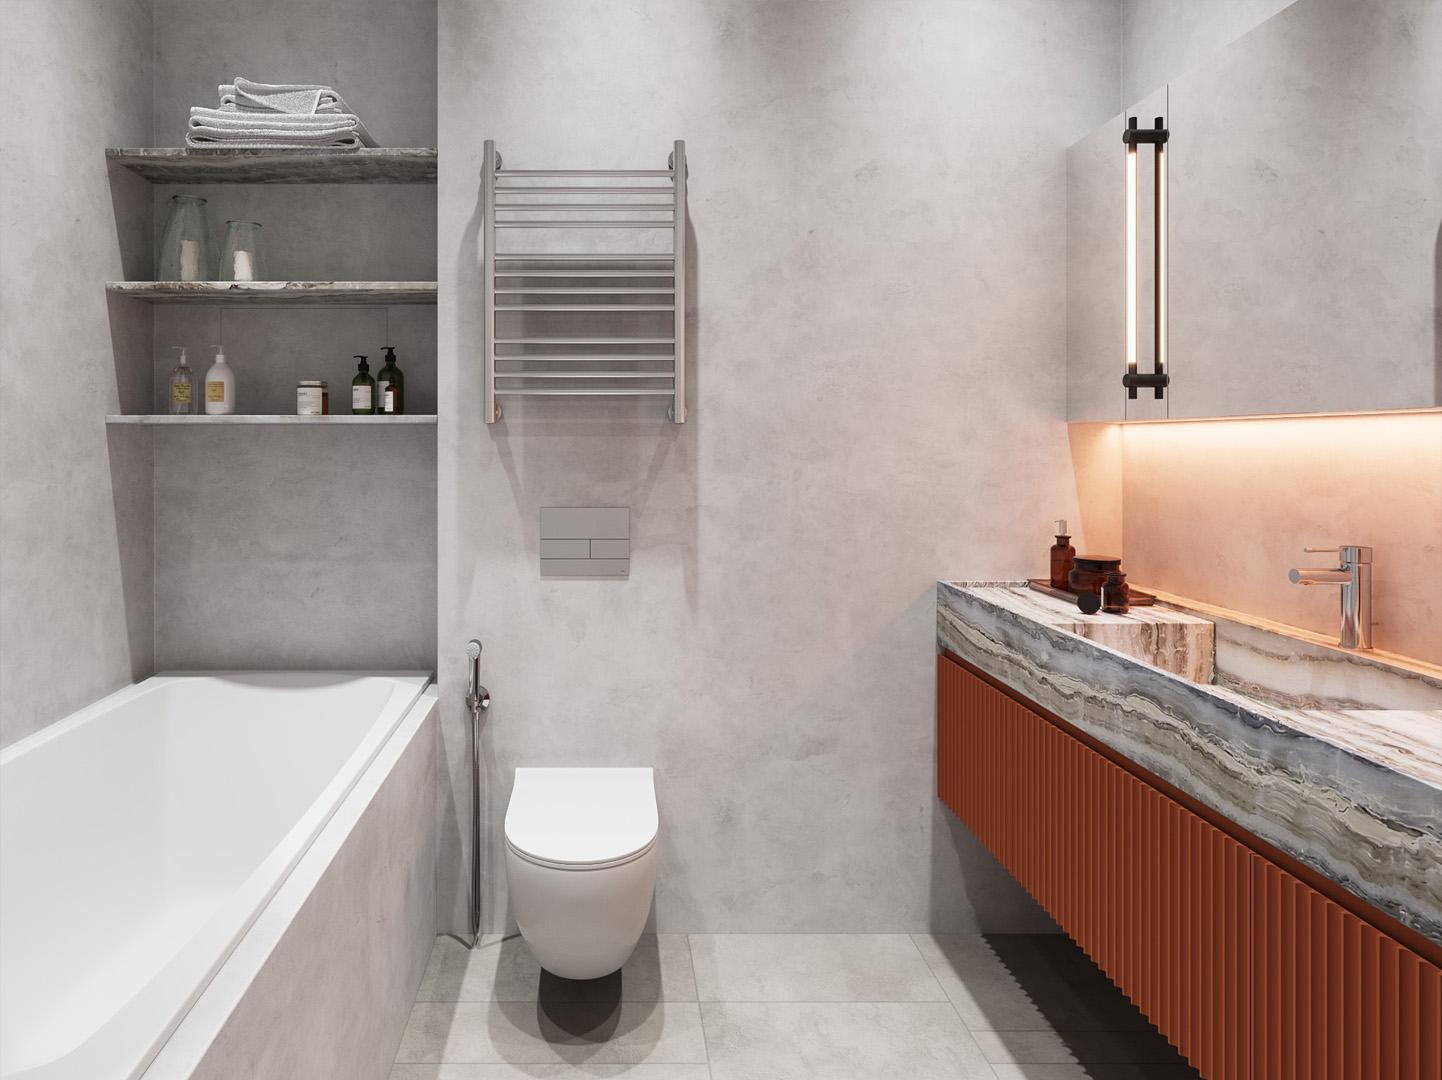 卫生间装修流程及注意事项有哪些?紫名居装饰公司